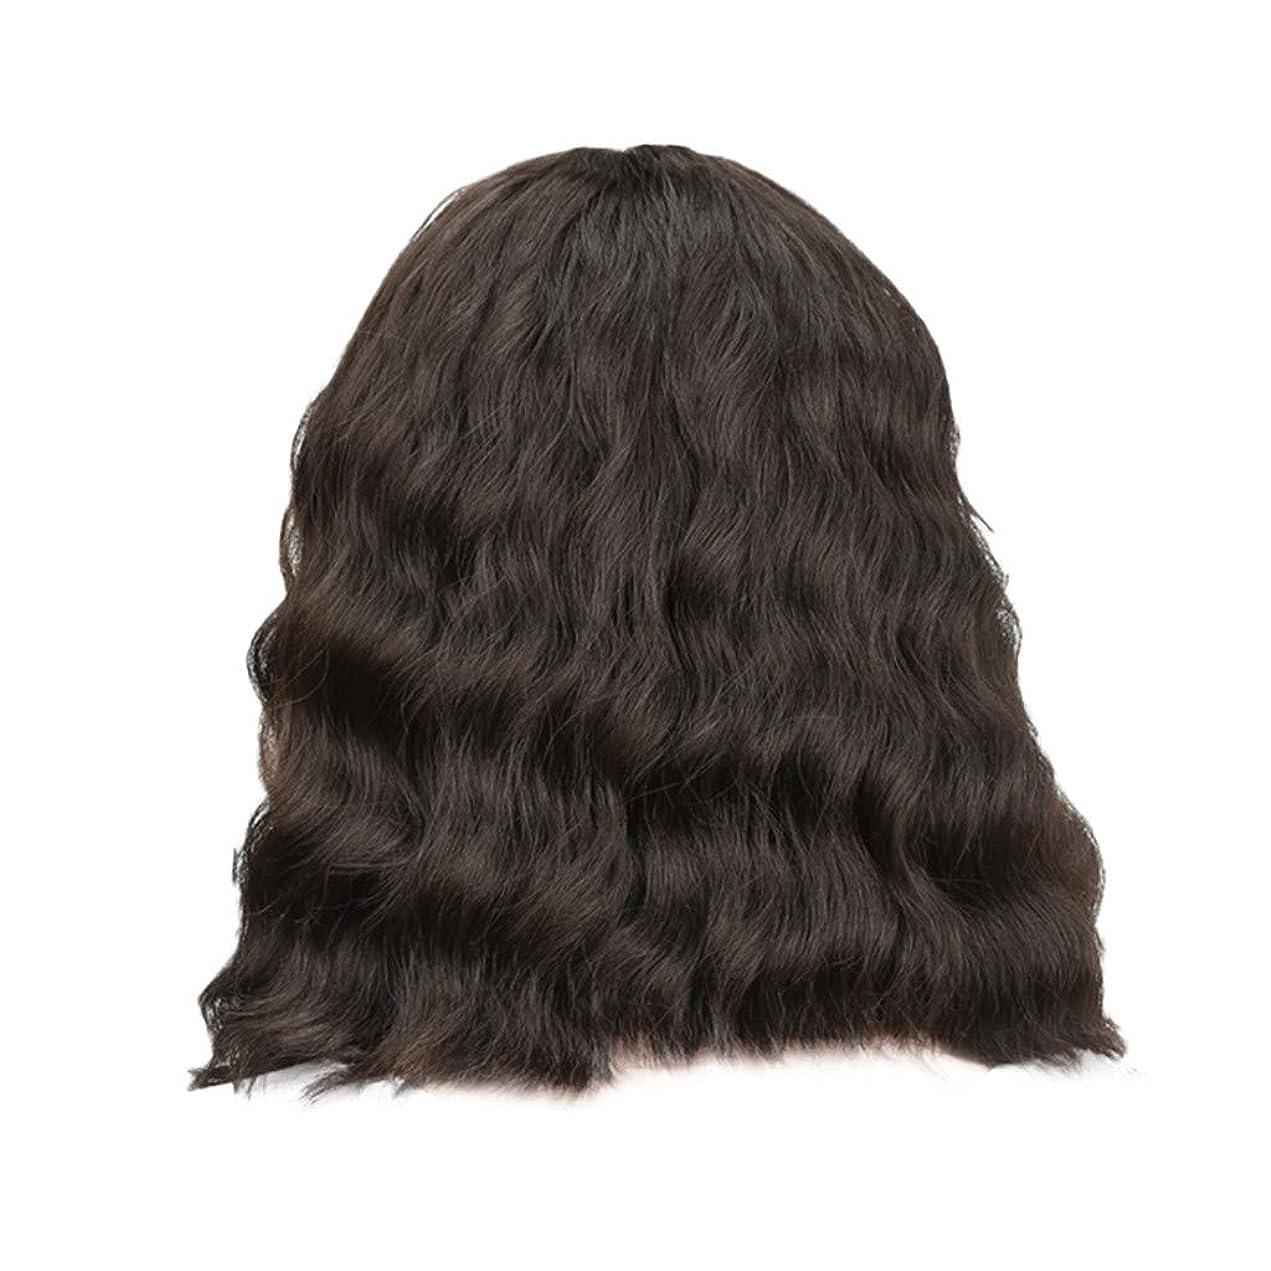 慈善スタイル鎖女性の黒の短い巻き毛のかつらボブ波かつらローズネット34 cm